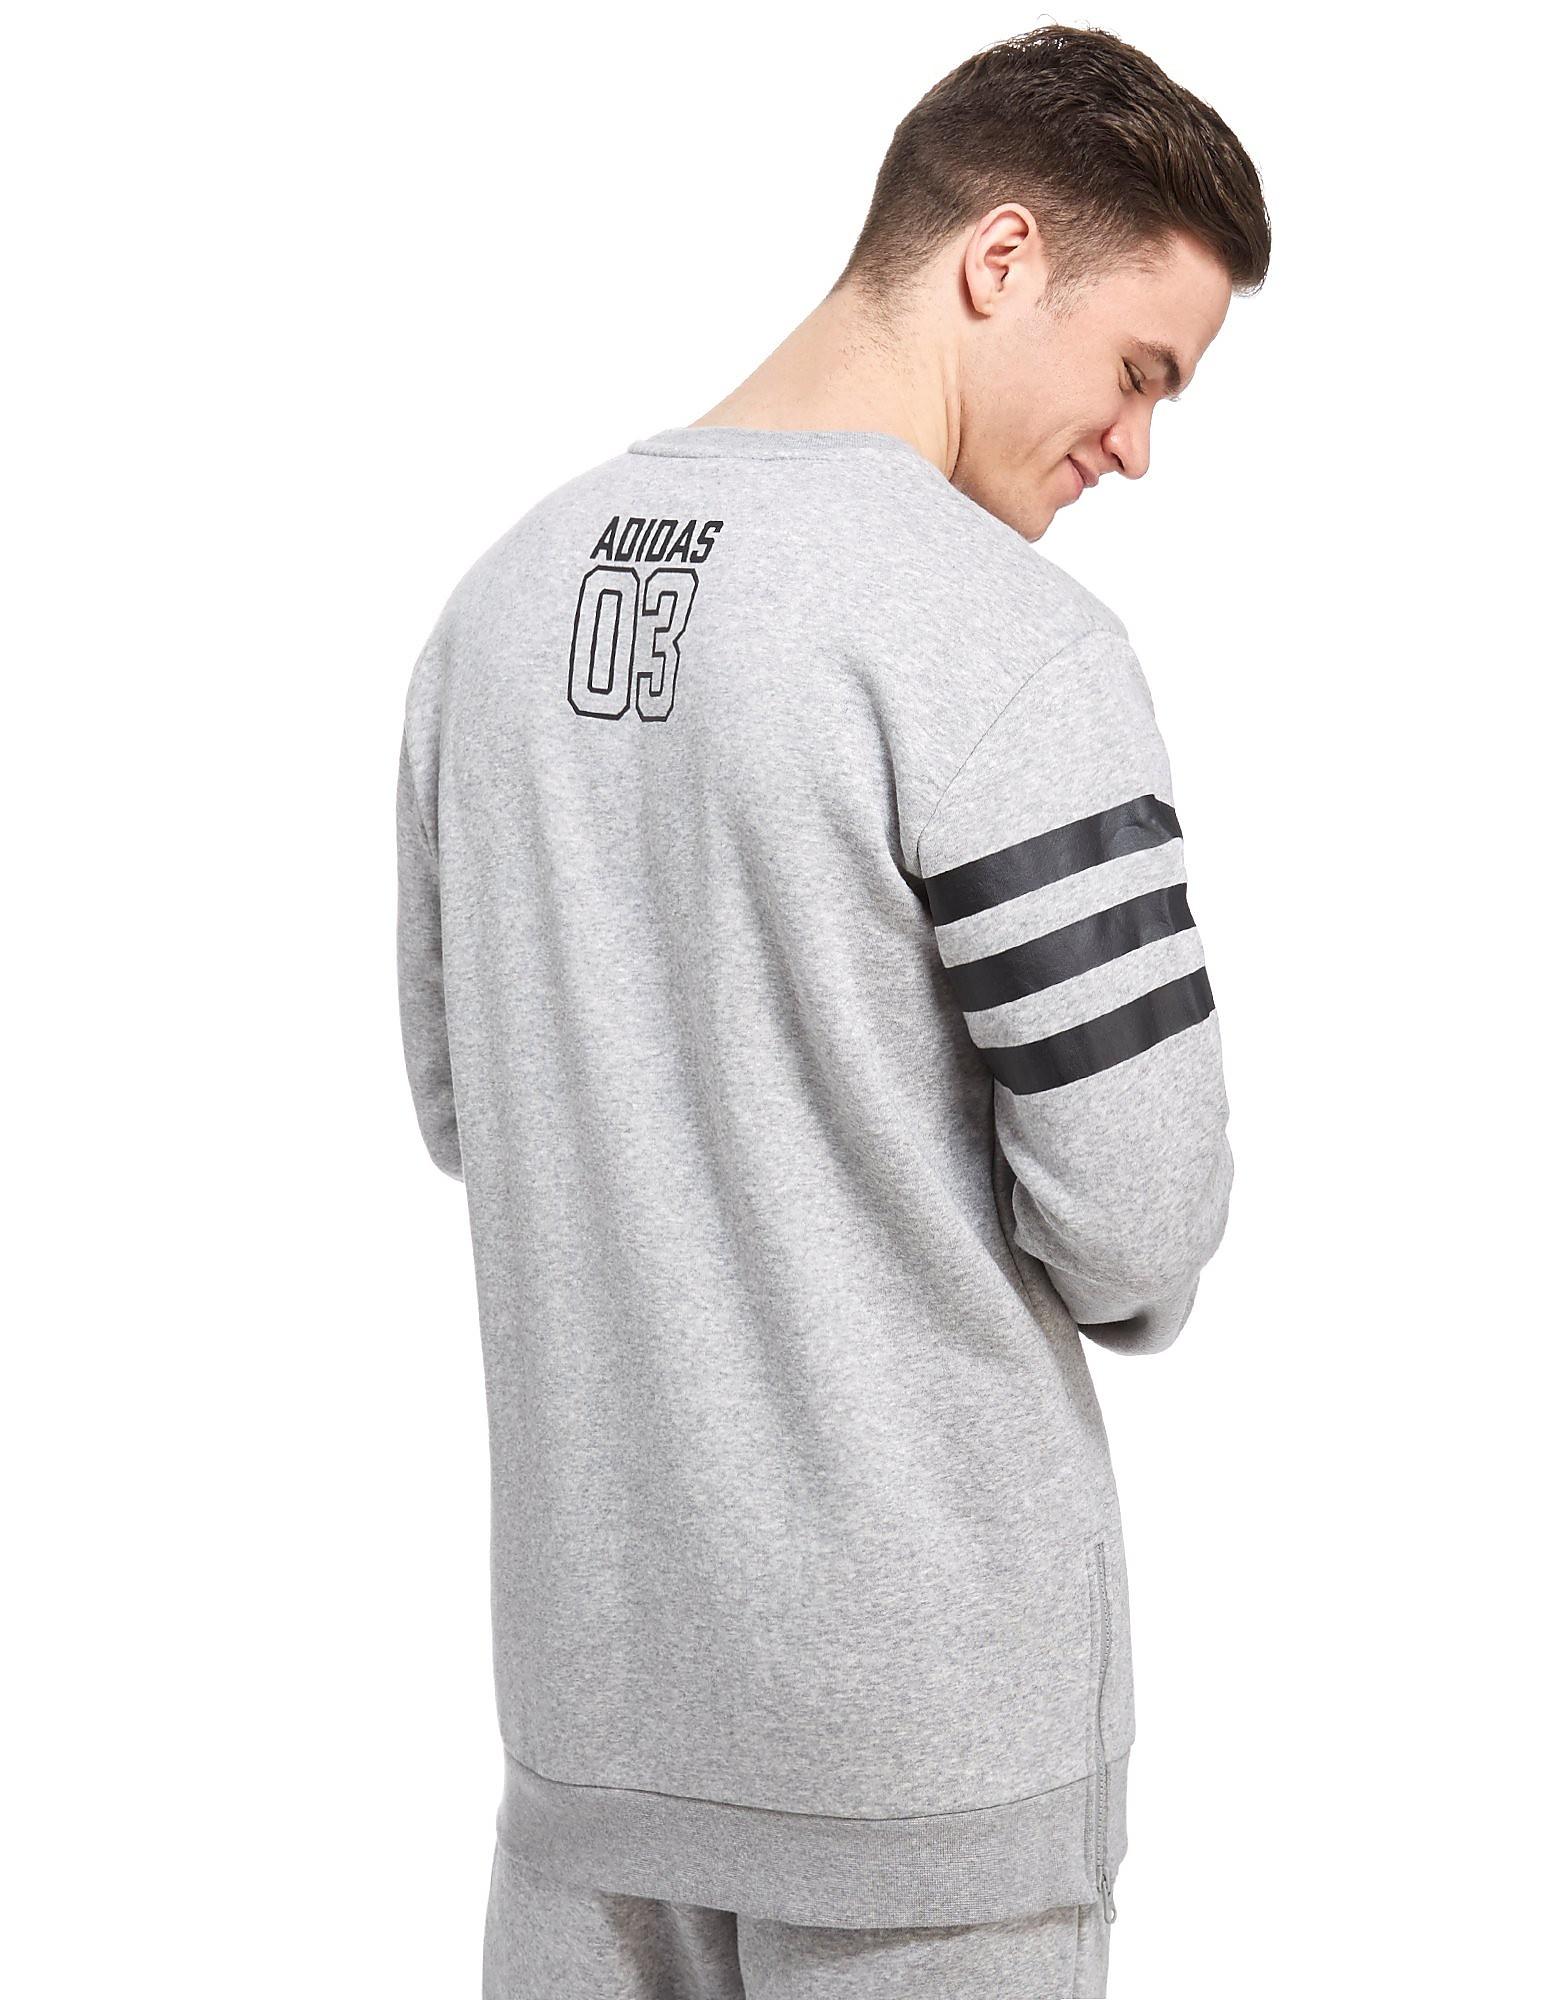 adidas Originals Global Crew Sweatshirt